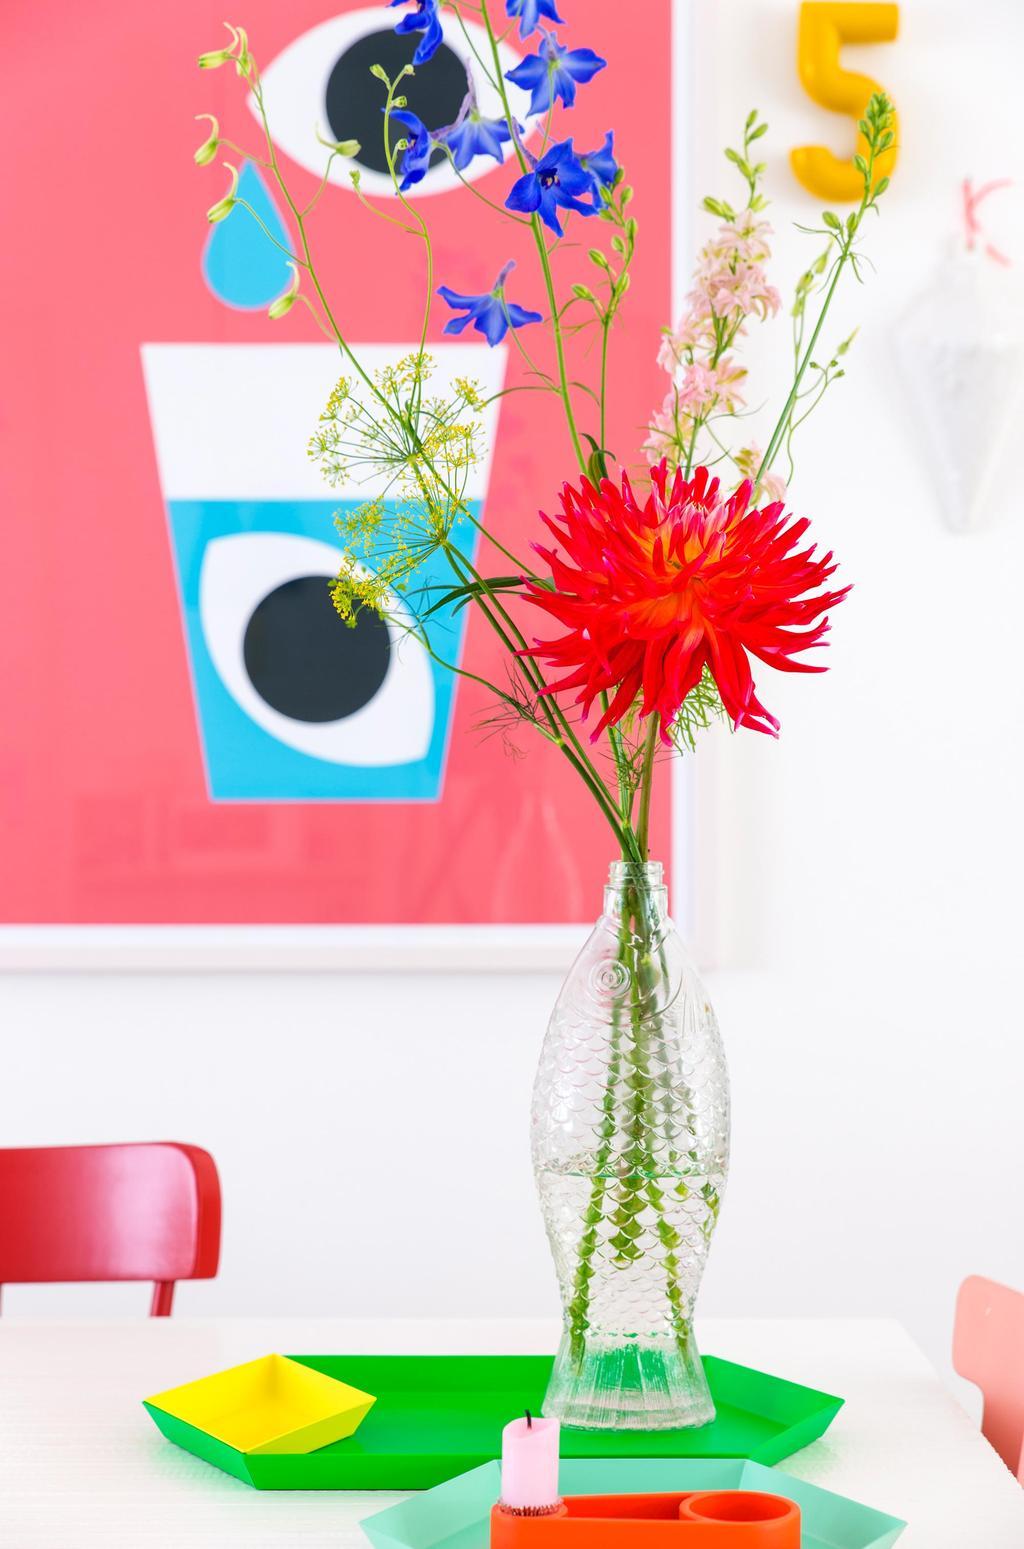 Glazen vissenfles met bloemen op tafel bij Oh Marie!